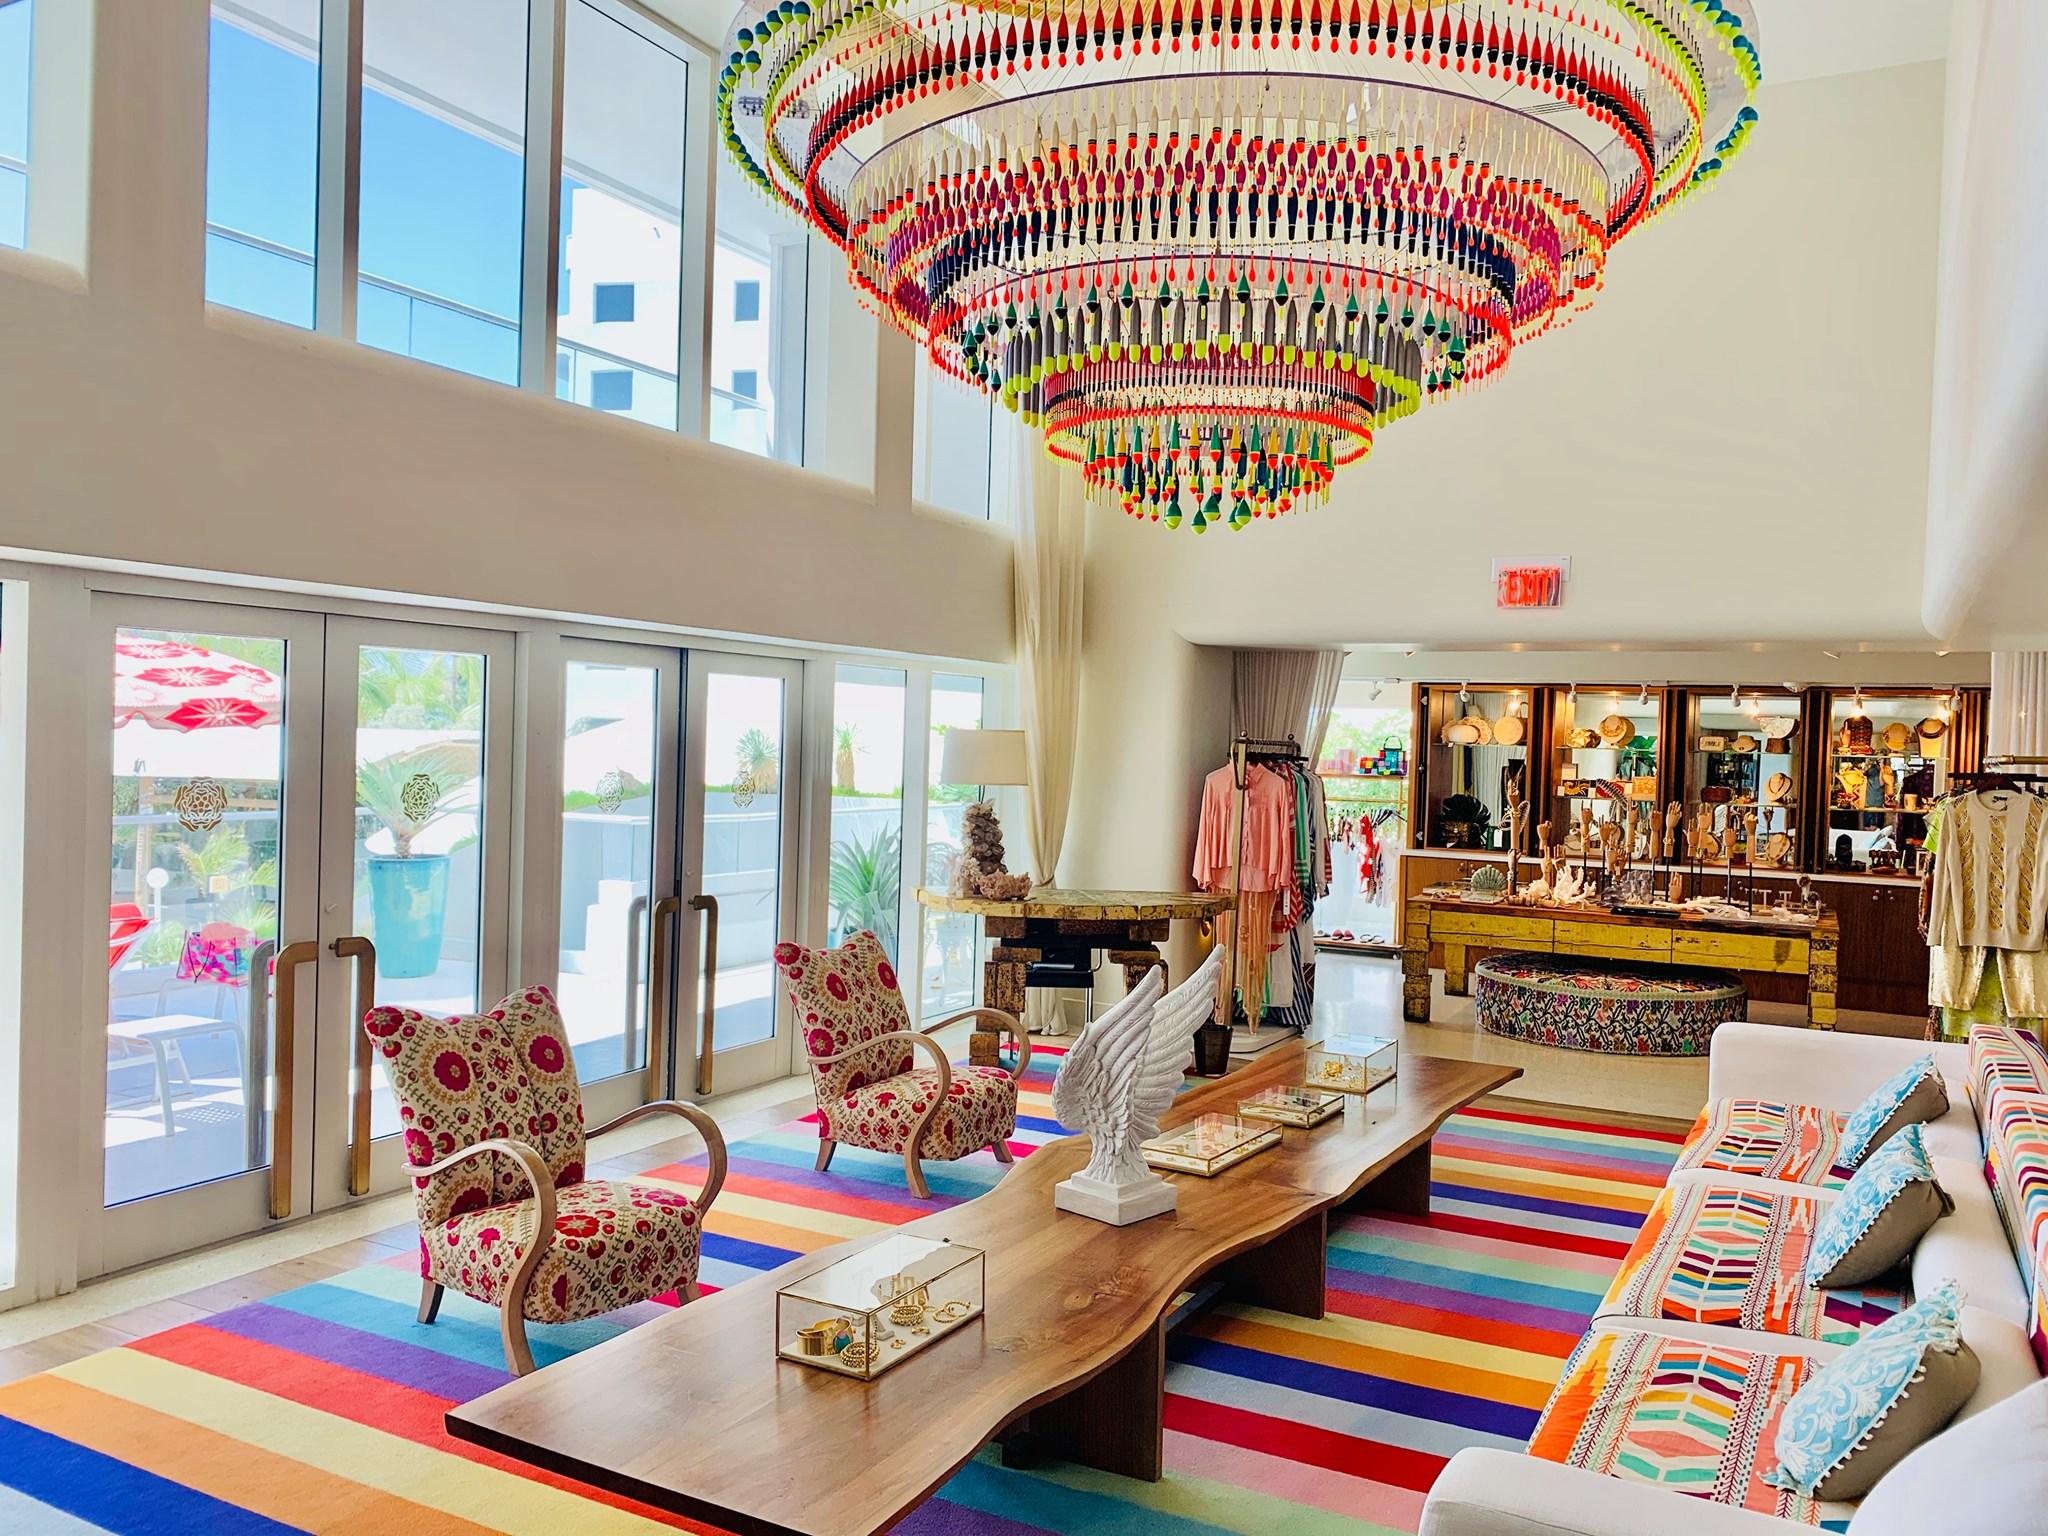 Faena Miami Beach, hoteles exclusivos en Miami, Luna de miel en Miami - Wedding Hub - 013